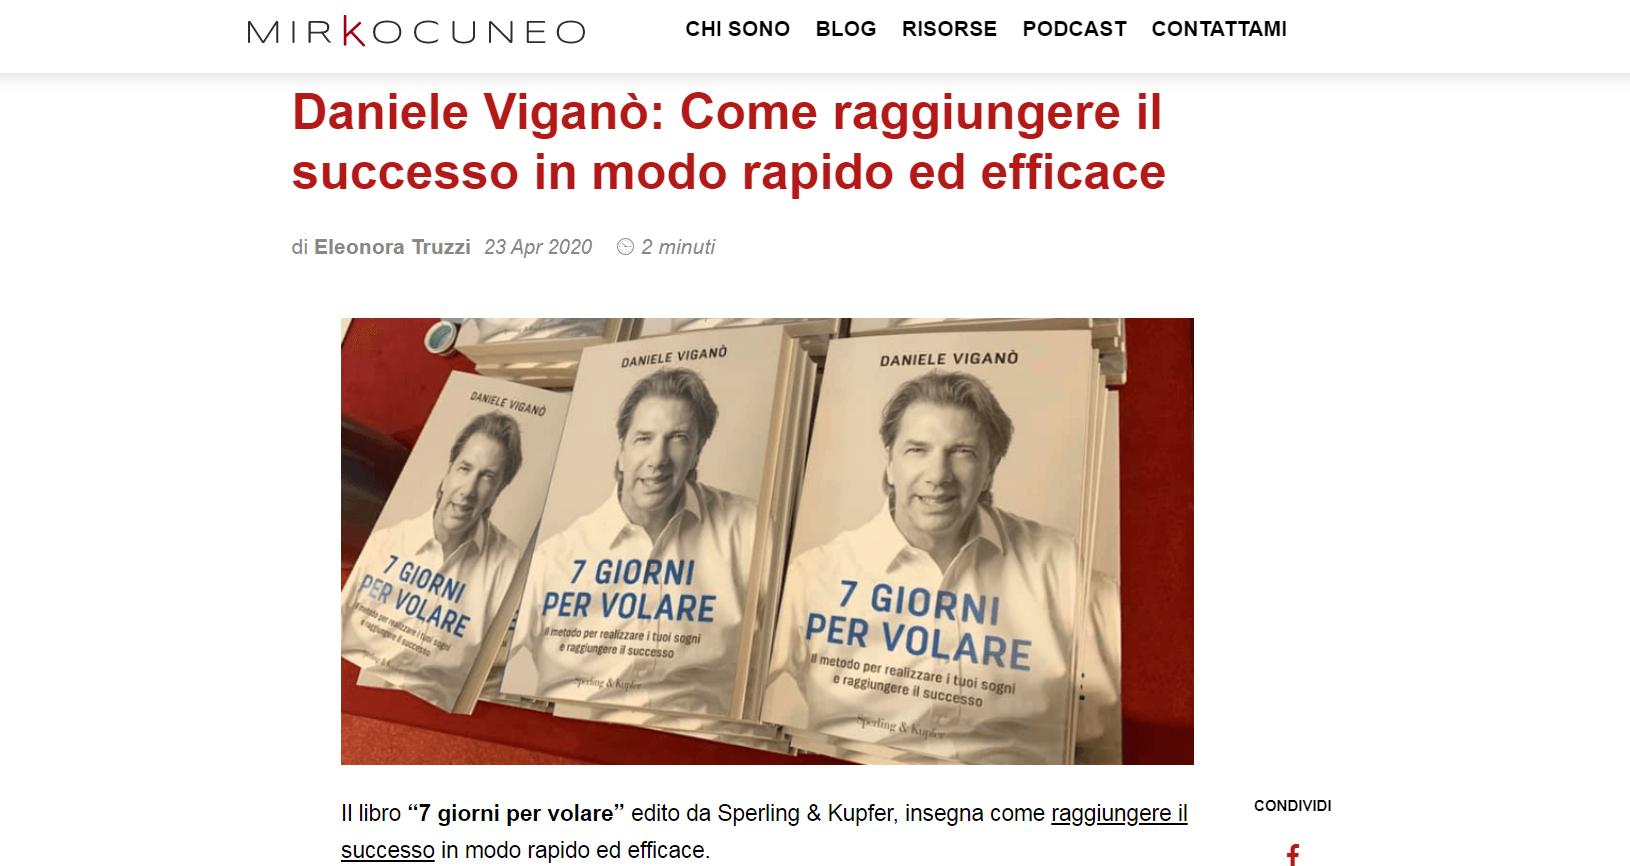 Come raggiungere il successo in modo rapido ed efficace – Intervista Mirco Cuneo